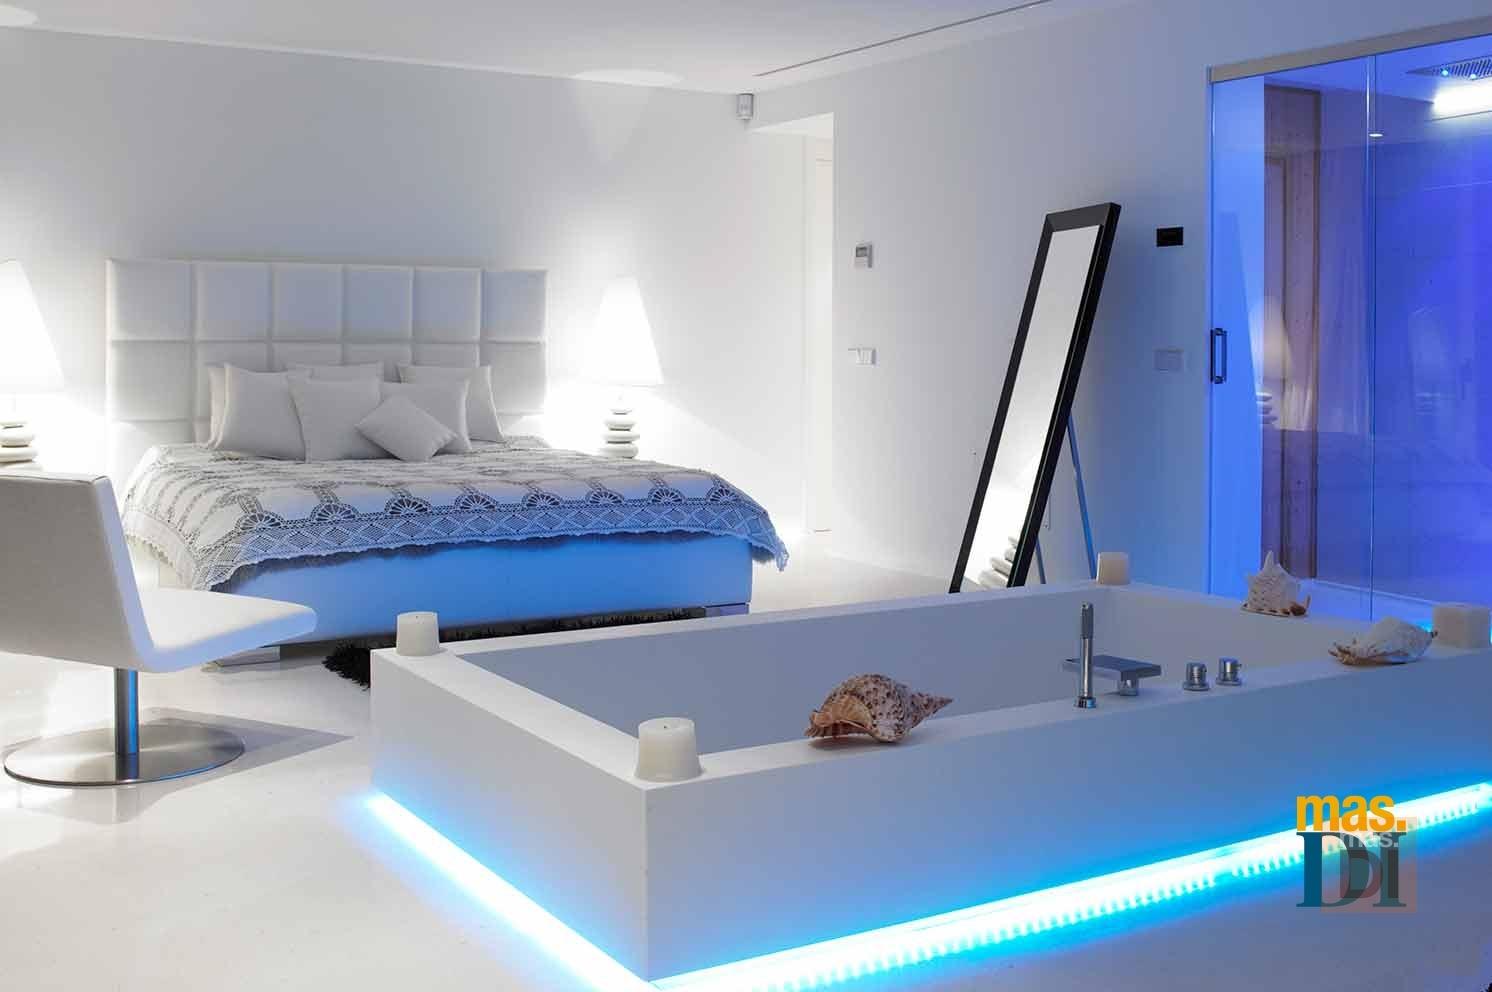 Baños modernos que relajan, tienen carácter y personalidad